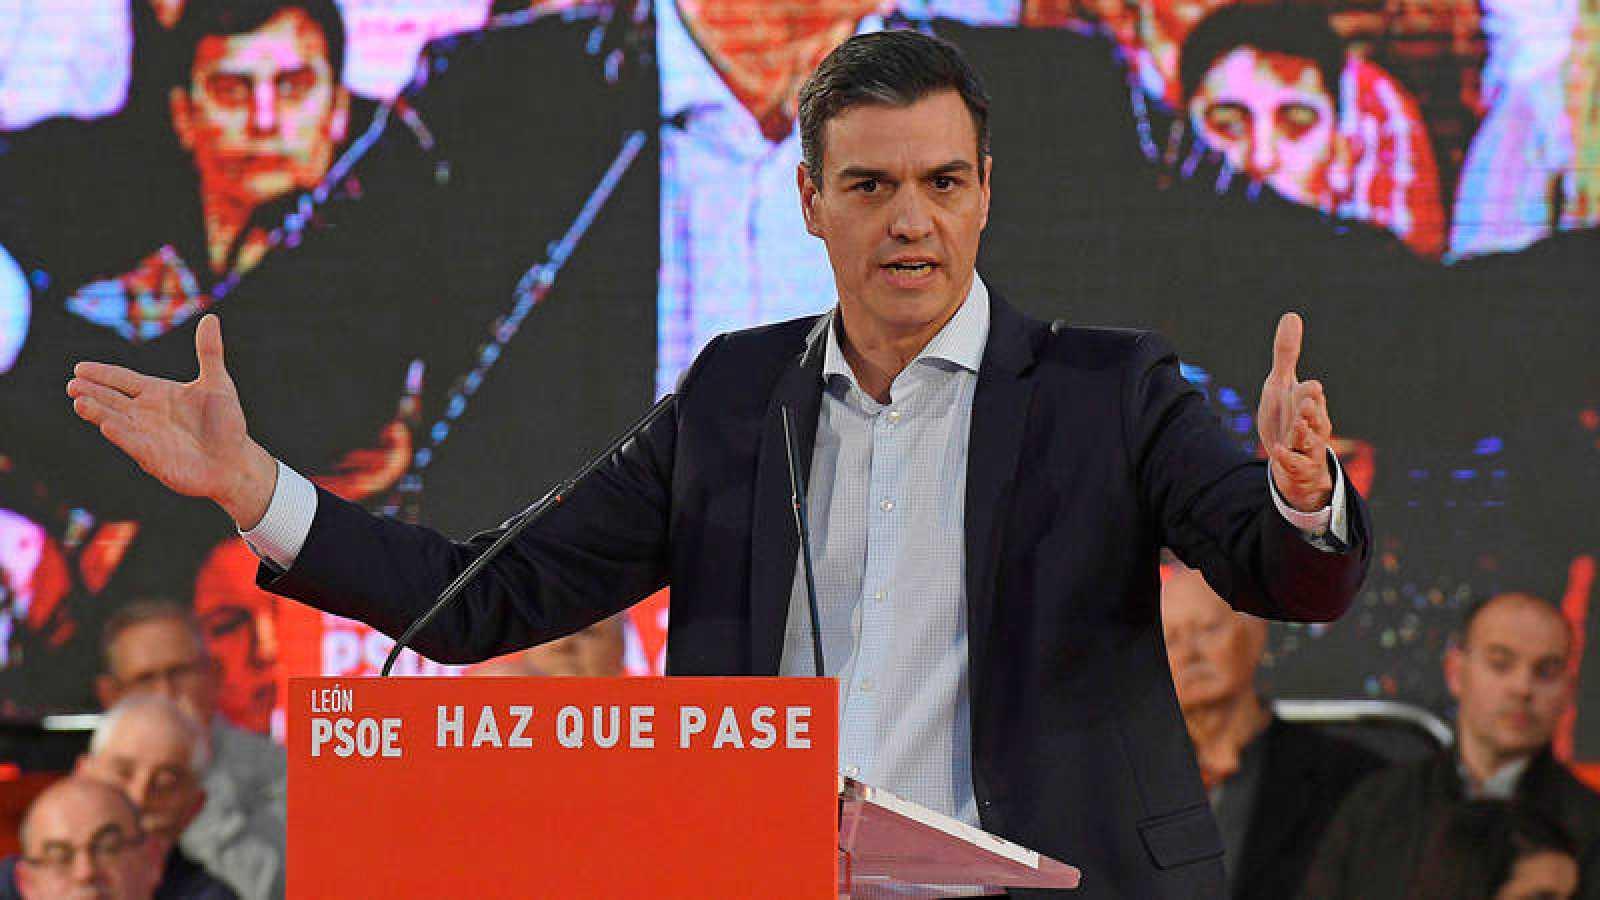 El presidente del Gobierno y candidato socialista a la reelección, Pedro Sánchez, en un acto electoral de precampaña en León.